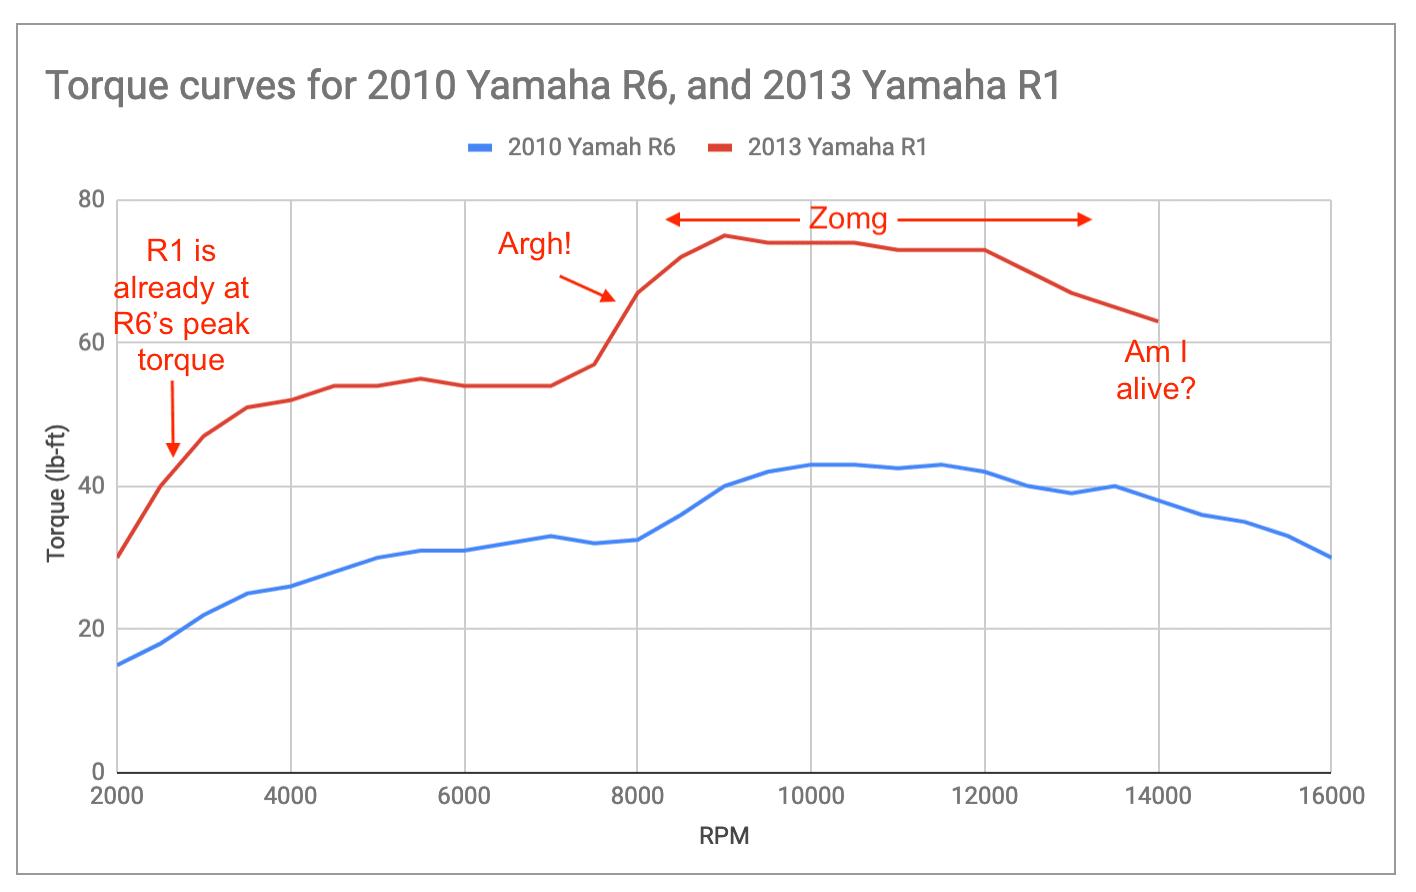 Torque. curve of the Yamaha R1 vs the Yamaha R6